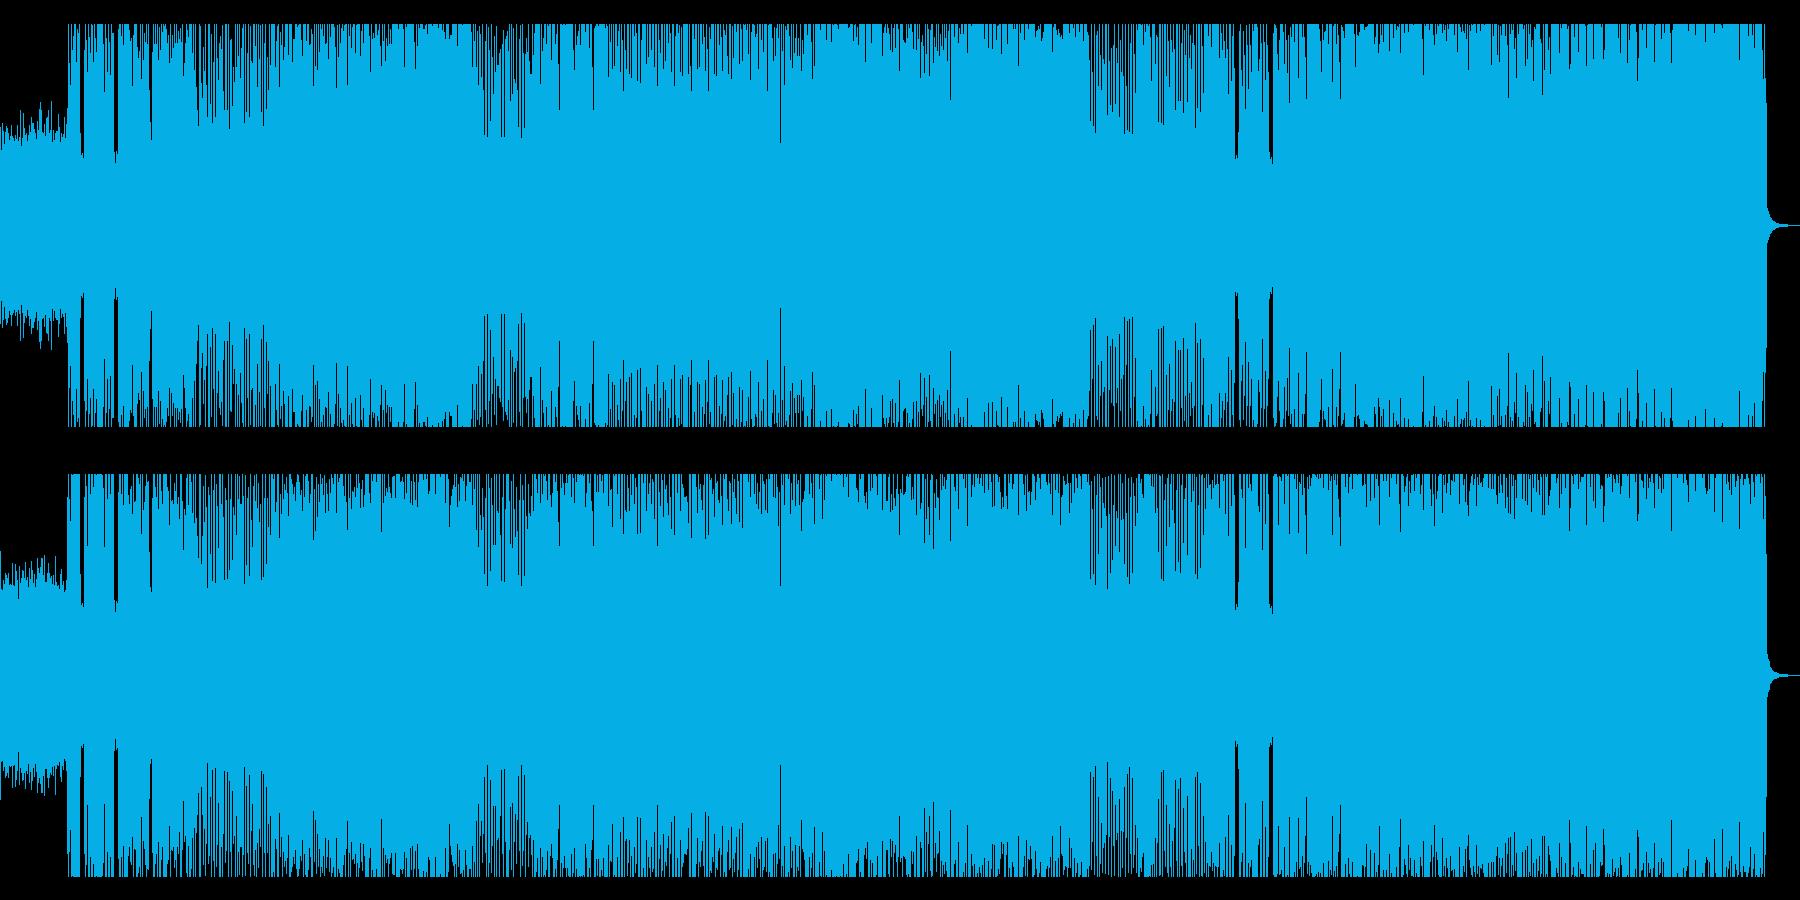 メタル、ハードロック風の重く激しいロックの再生済みの波形